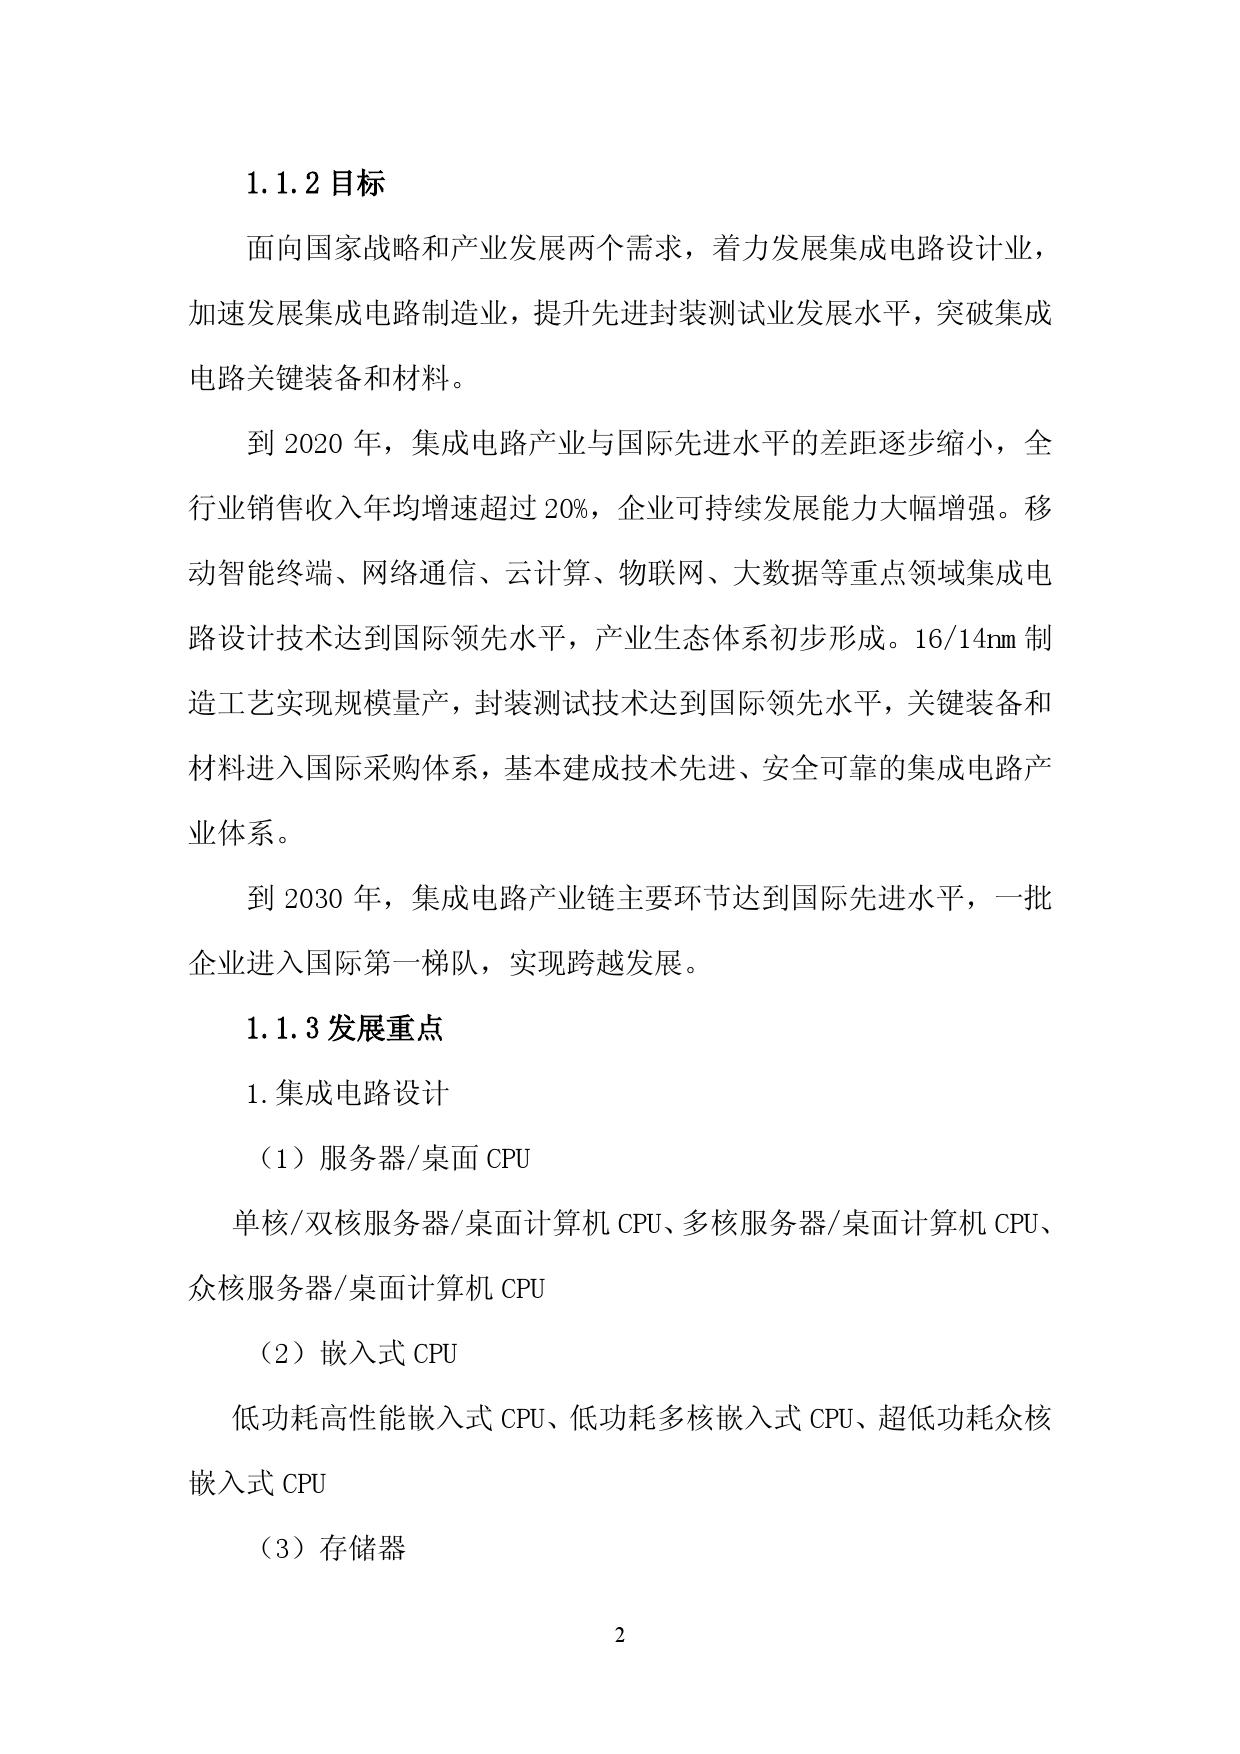 《中国制造 2025》重点领域技术路线图_000008